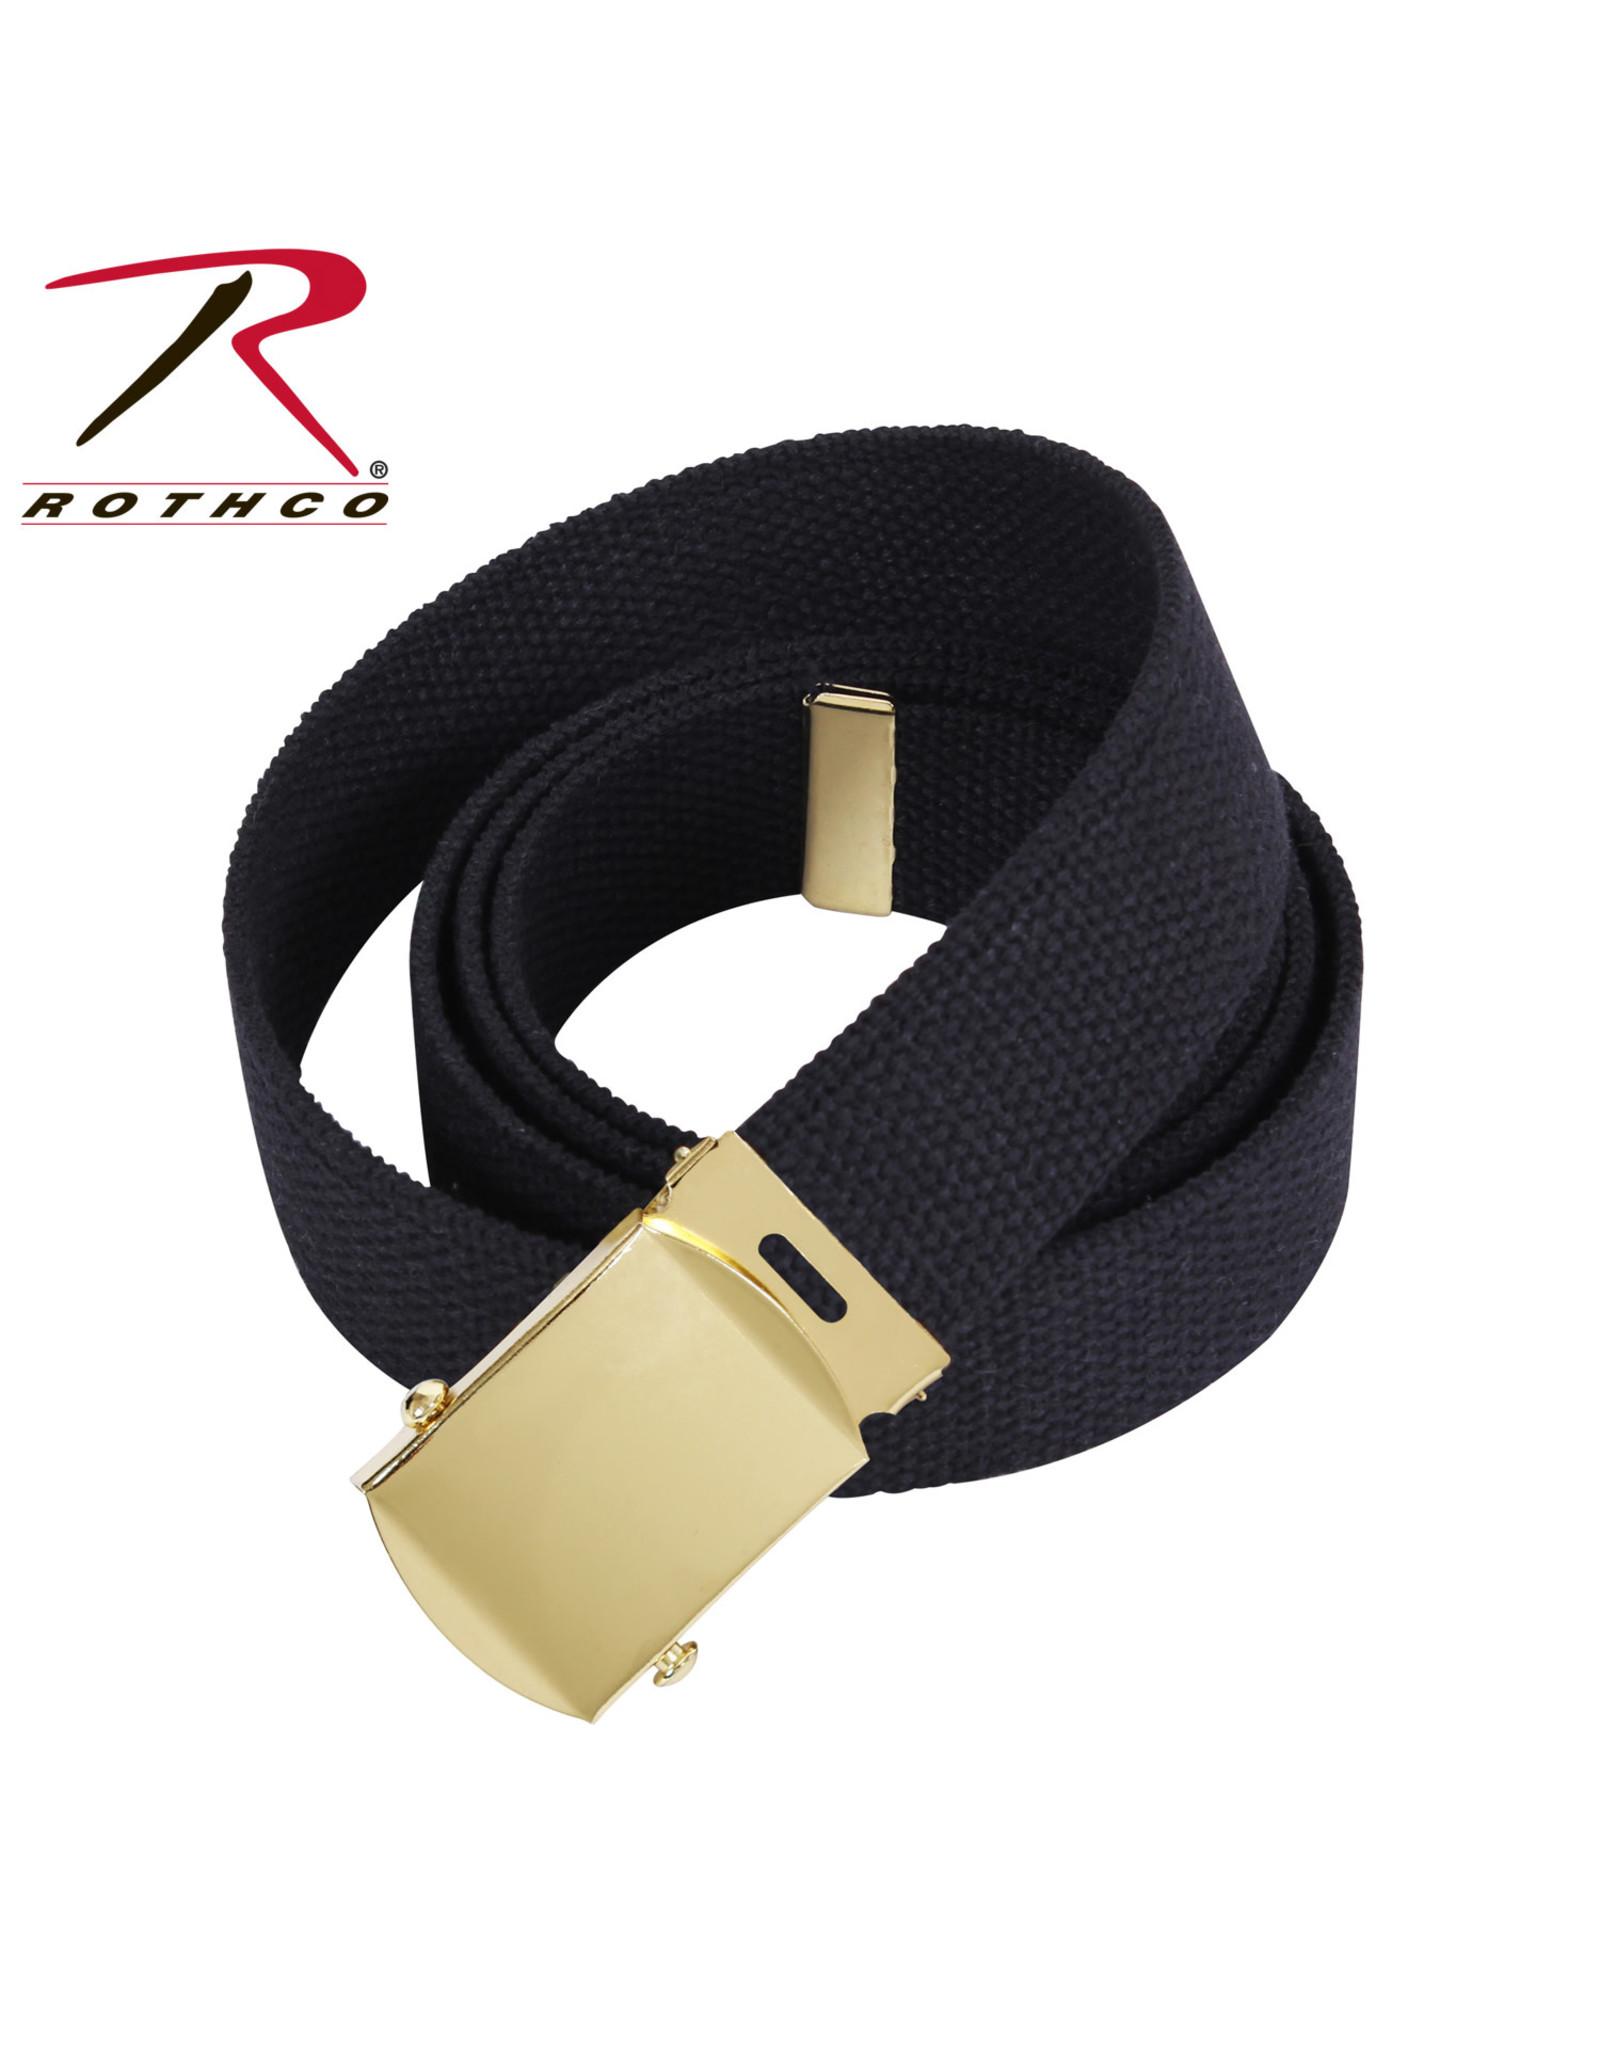 Web Belt w/ Brass Buckle